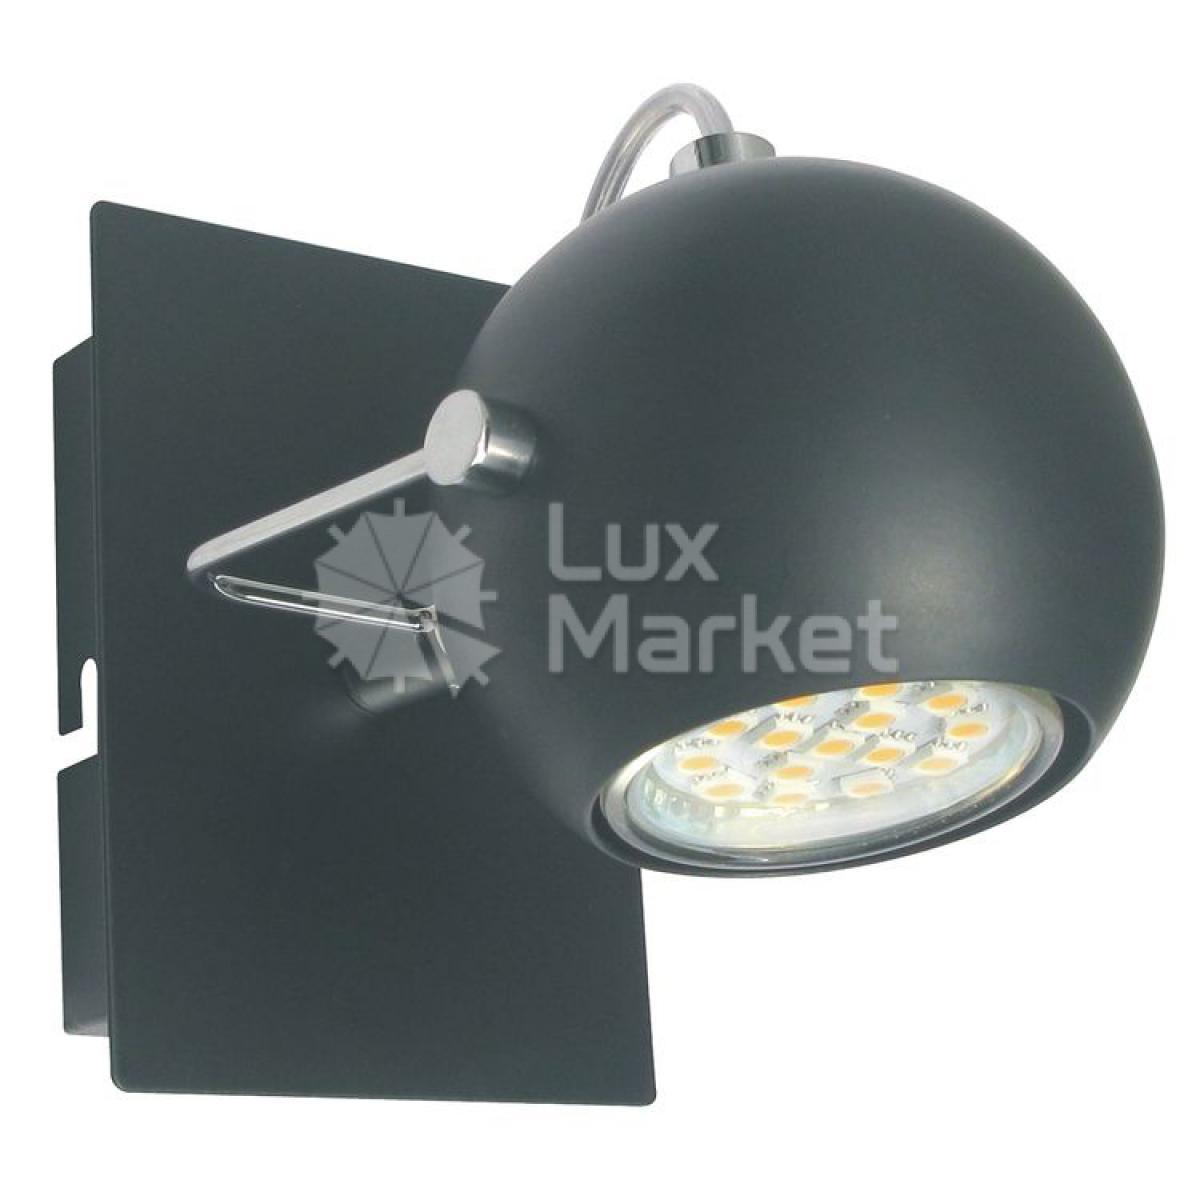 kinkiety Tony Led, lampy, oświetlenie